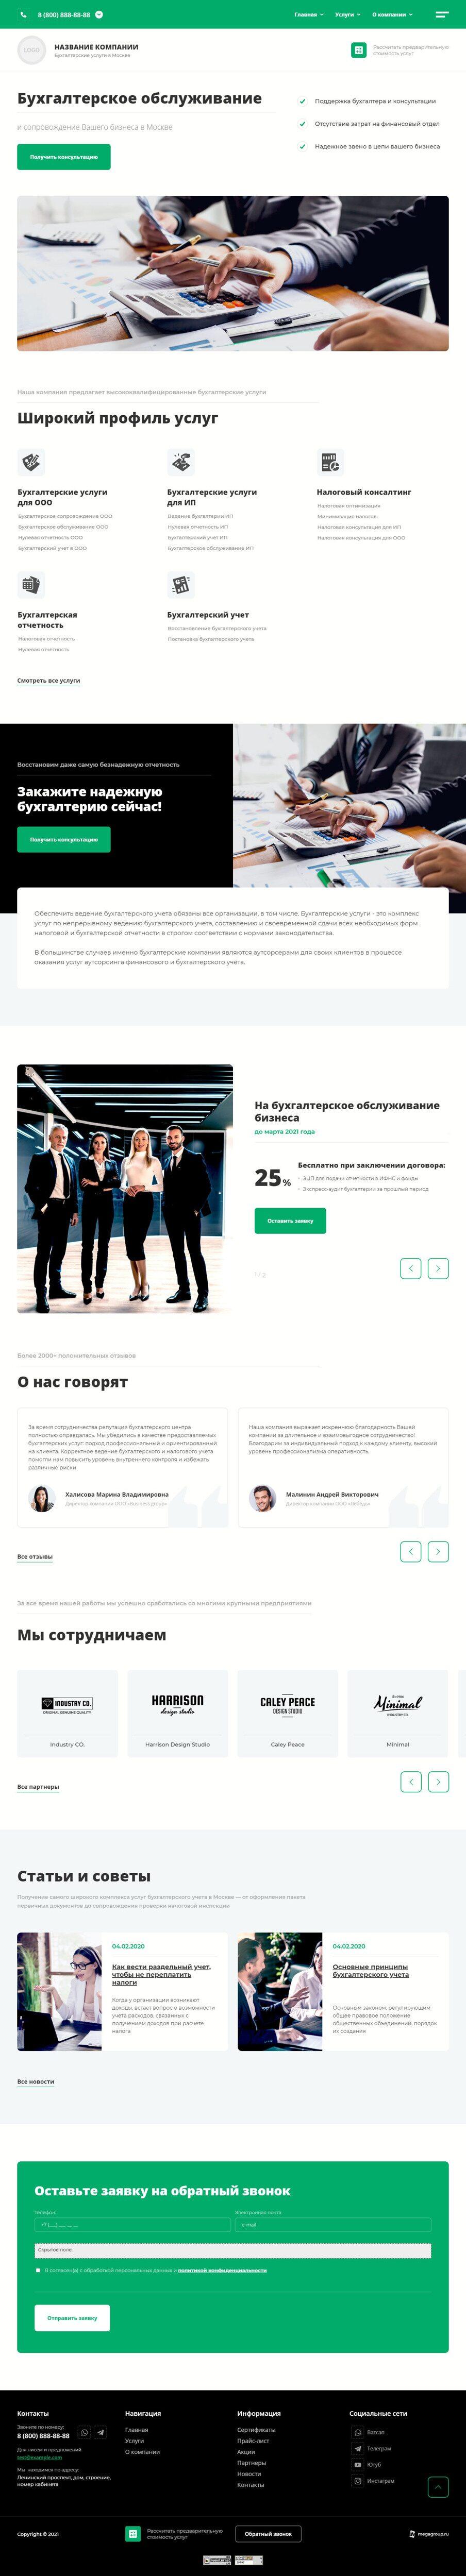 Готовый Сайт-Бизнес #2956122 - Бухгалтерские услуги (Главная версия 3)